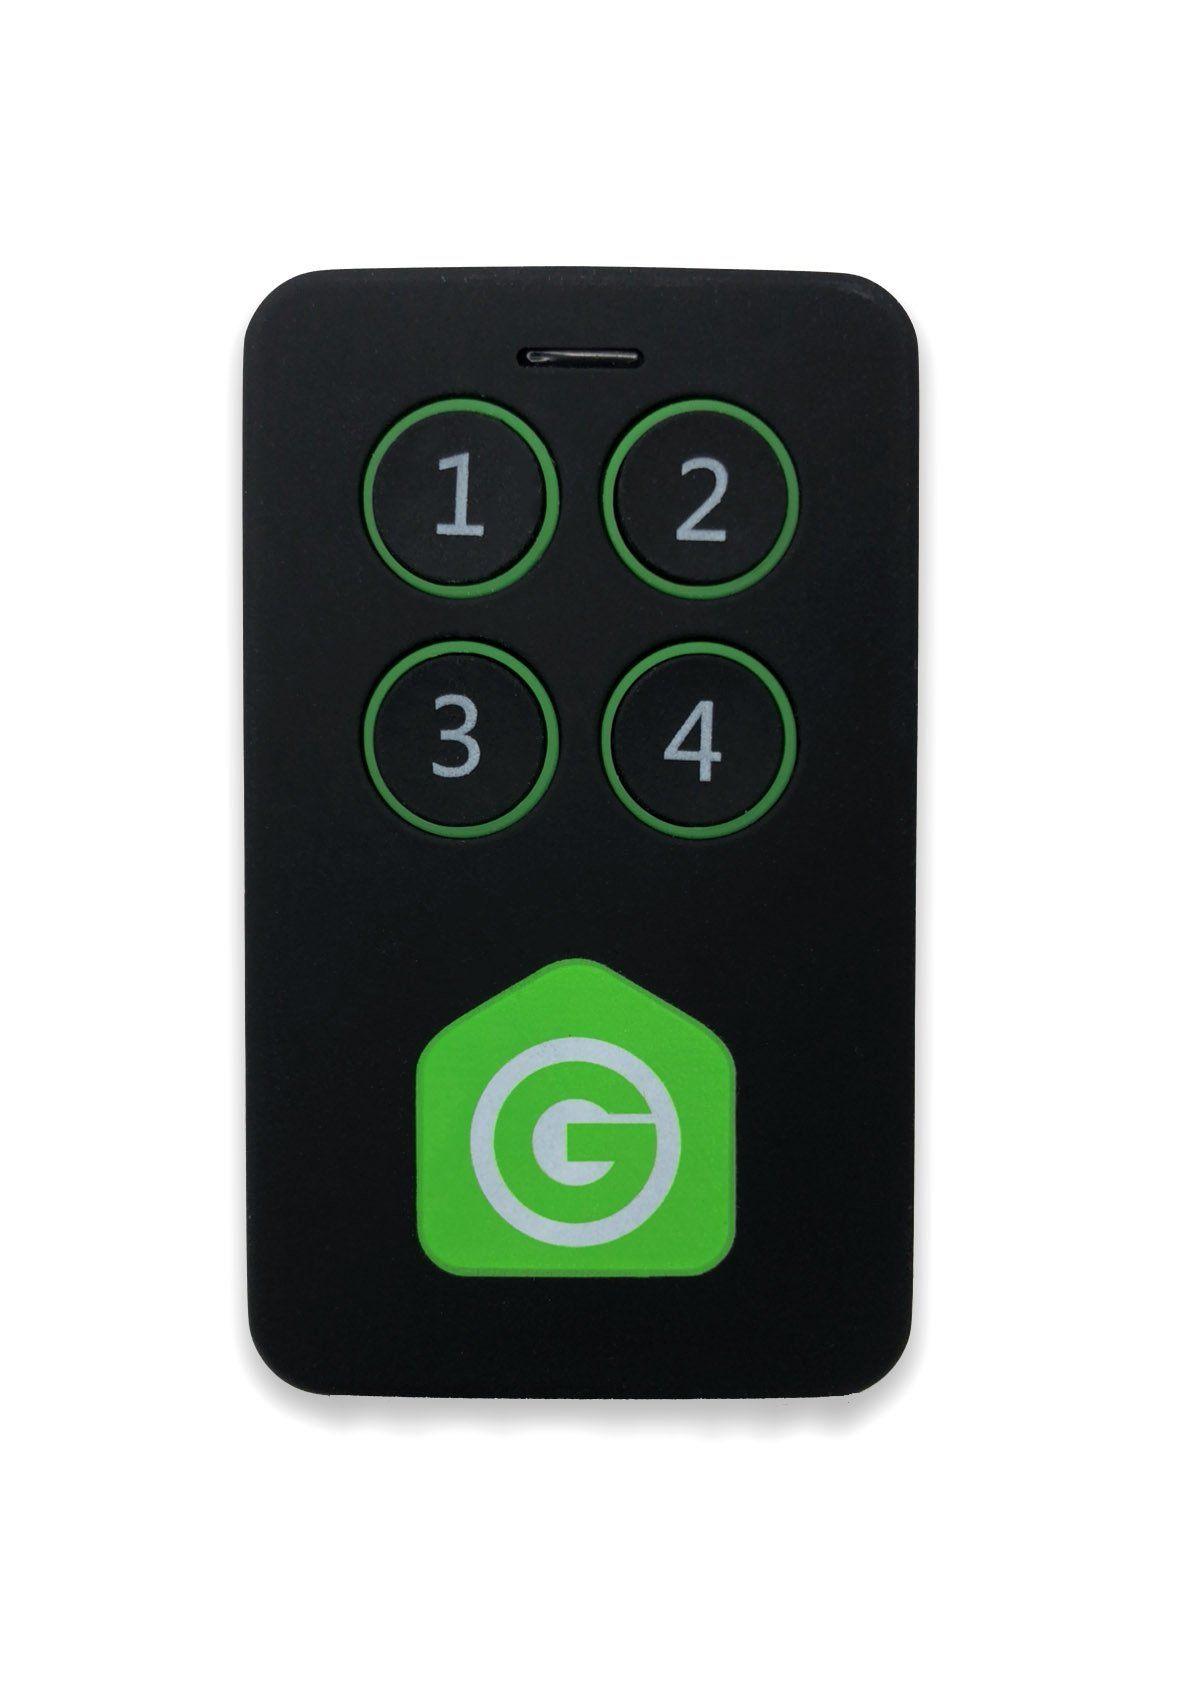 Nexx Adapter Garage door opener, Garage doors, Apple tv